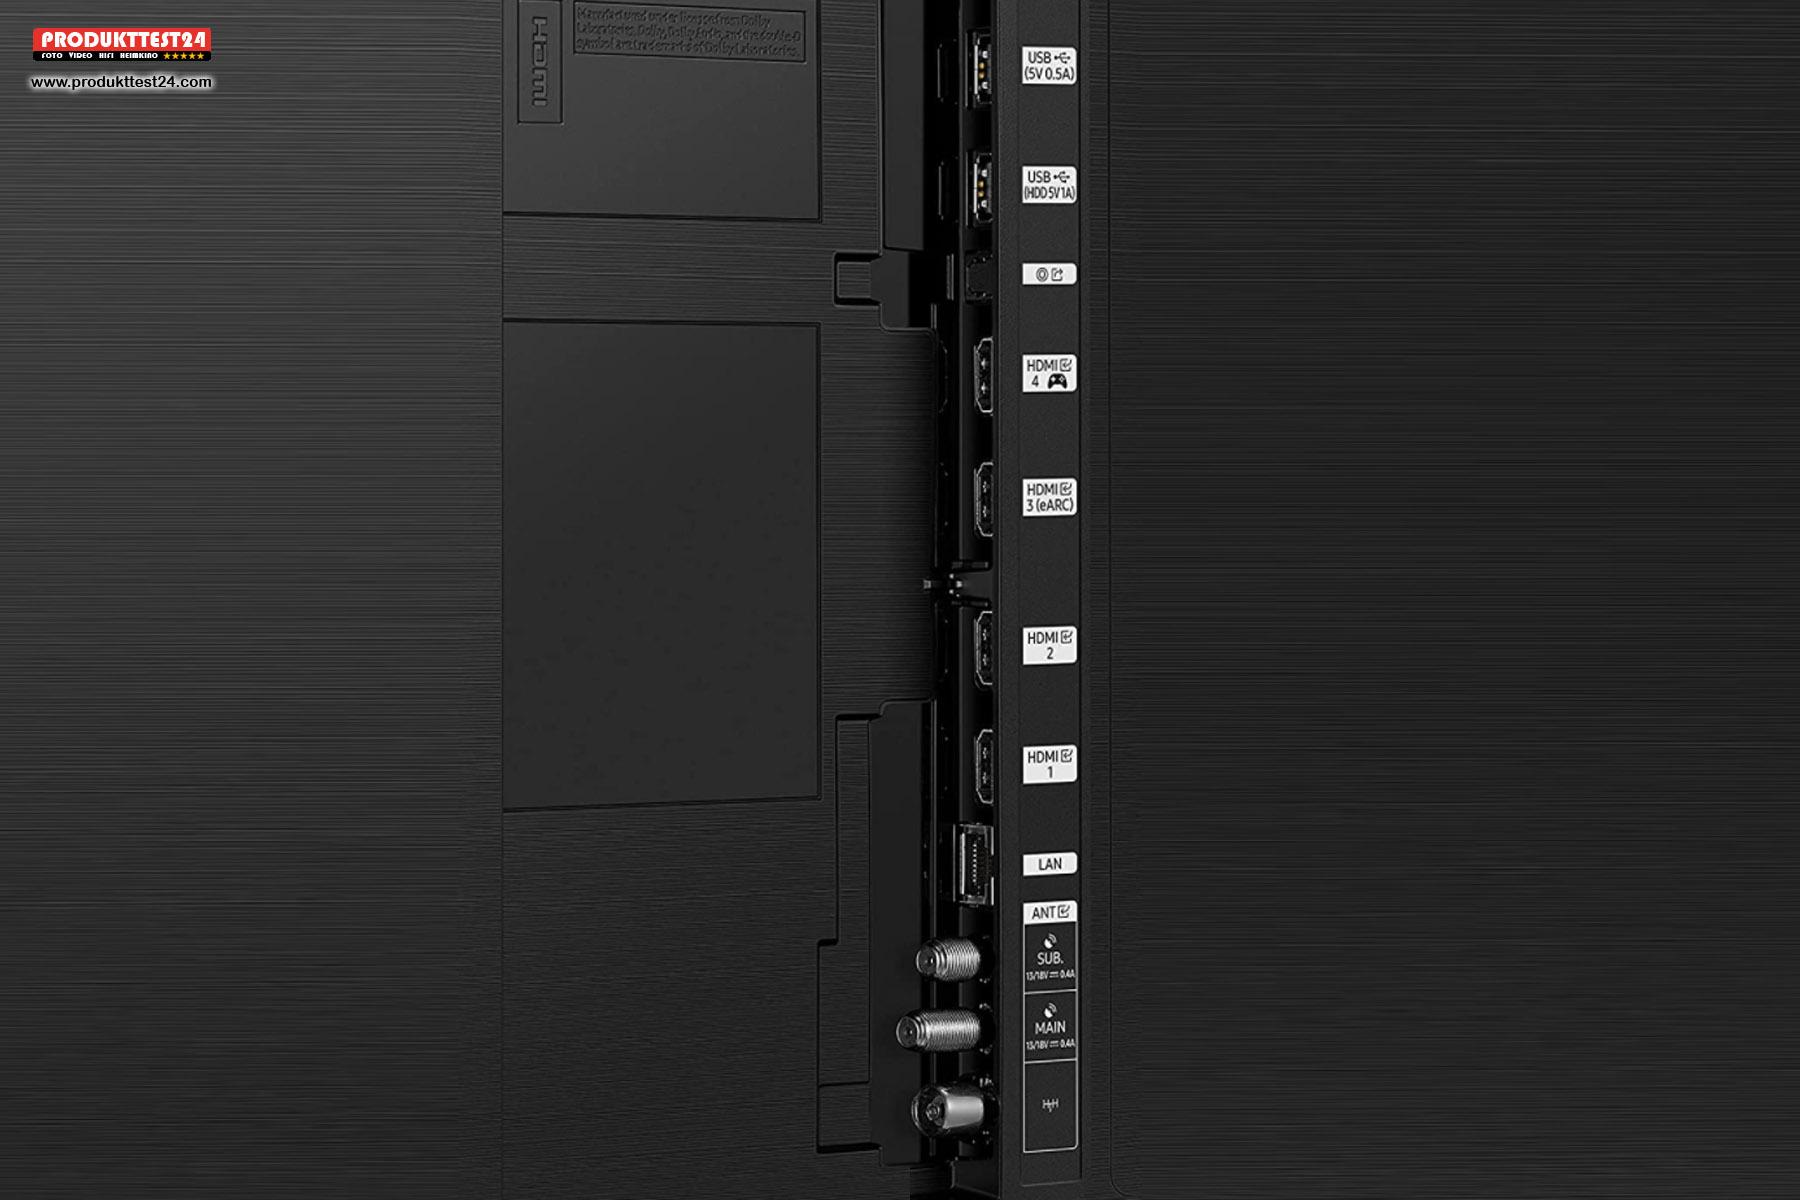 Der Samsung GQ85QN85A verfügt über 4 vollwertige HDMI 2.1 Anschlüsse.